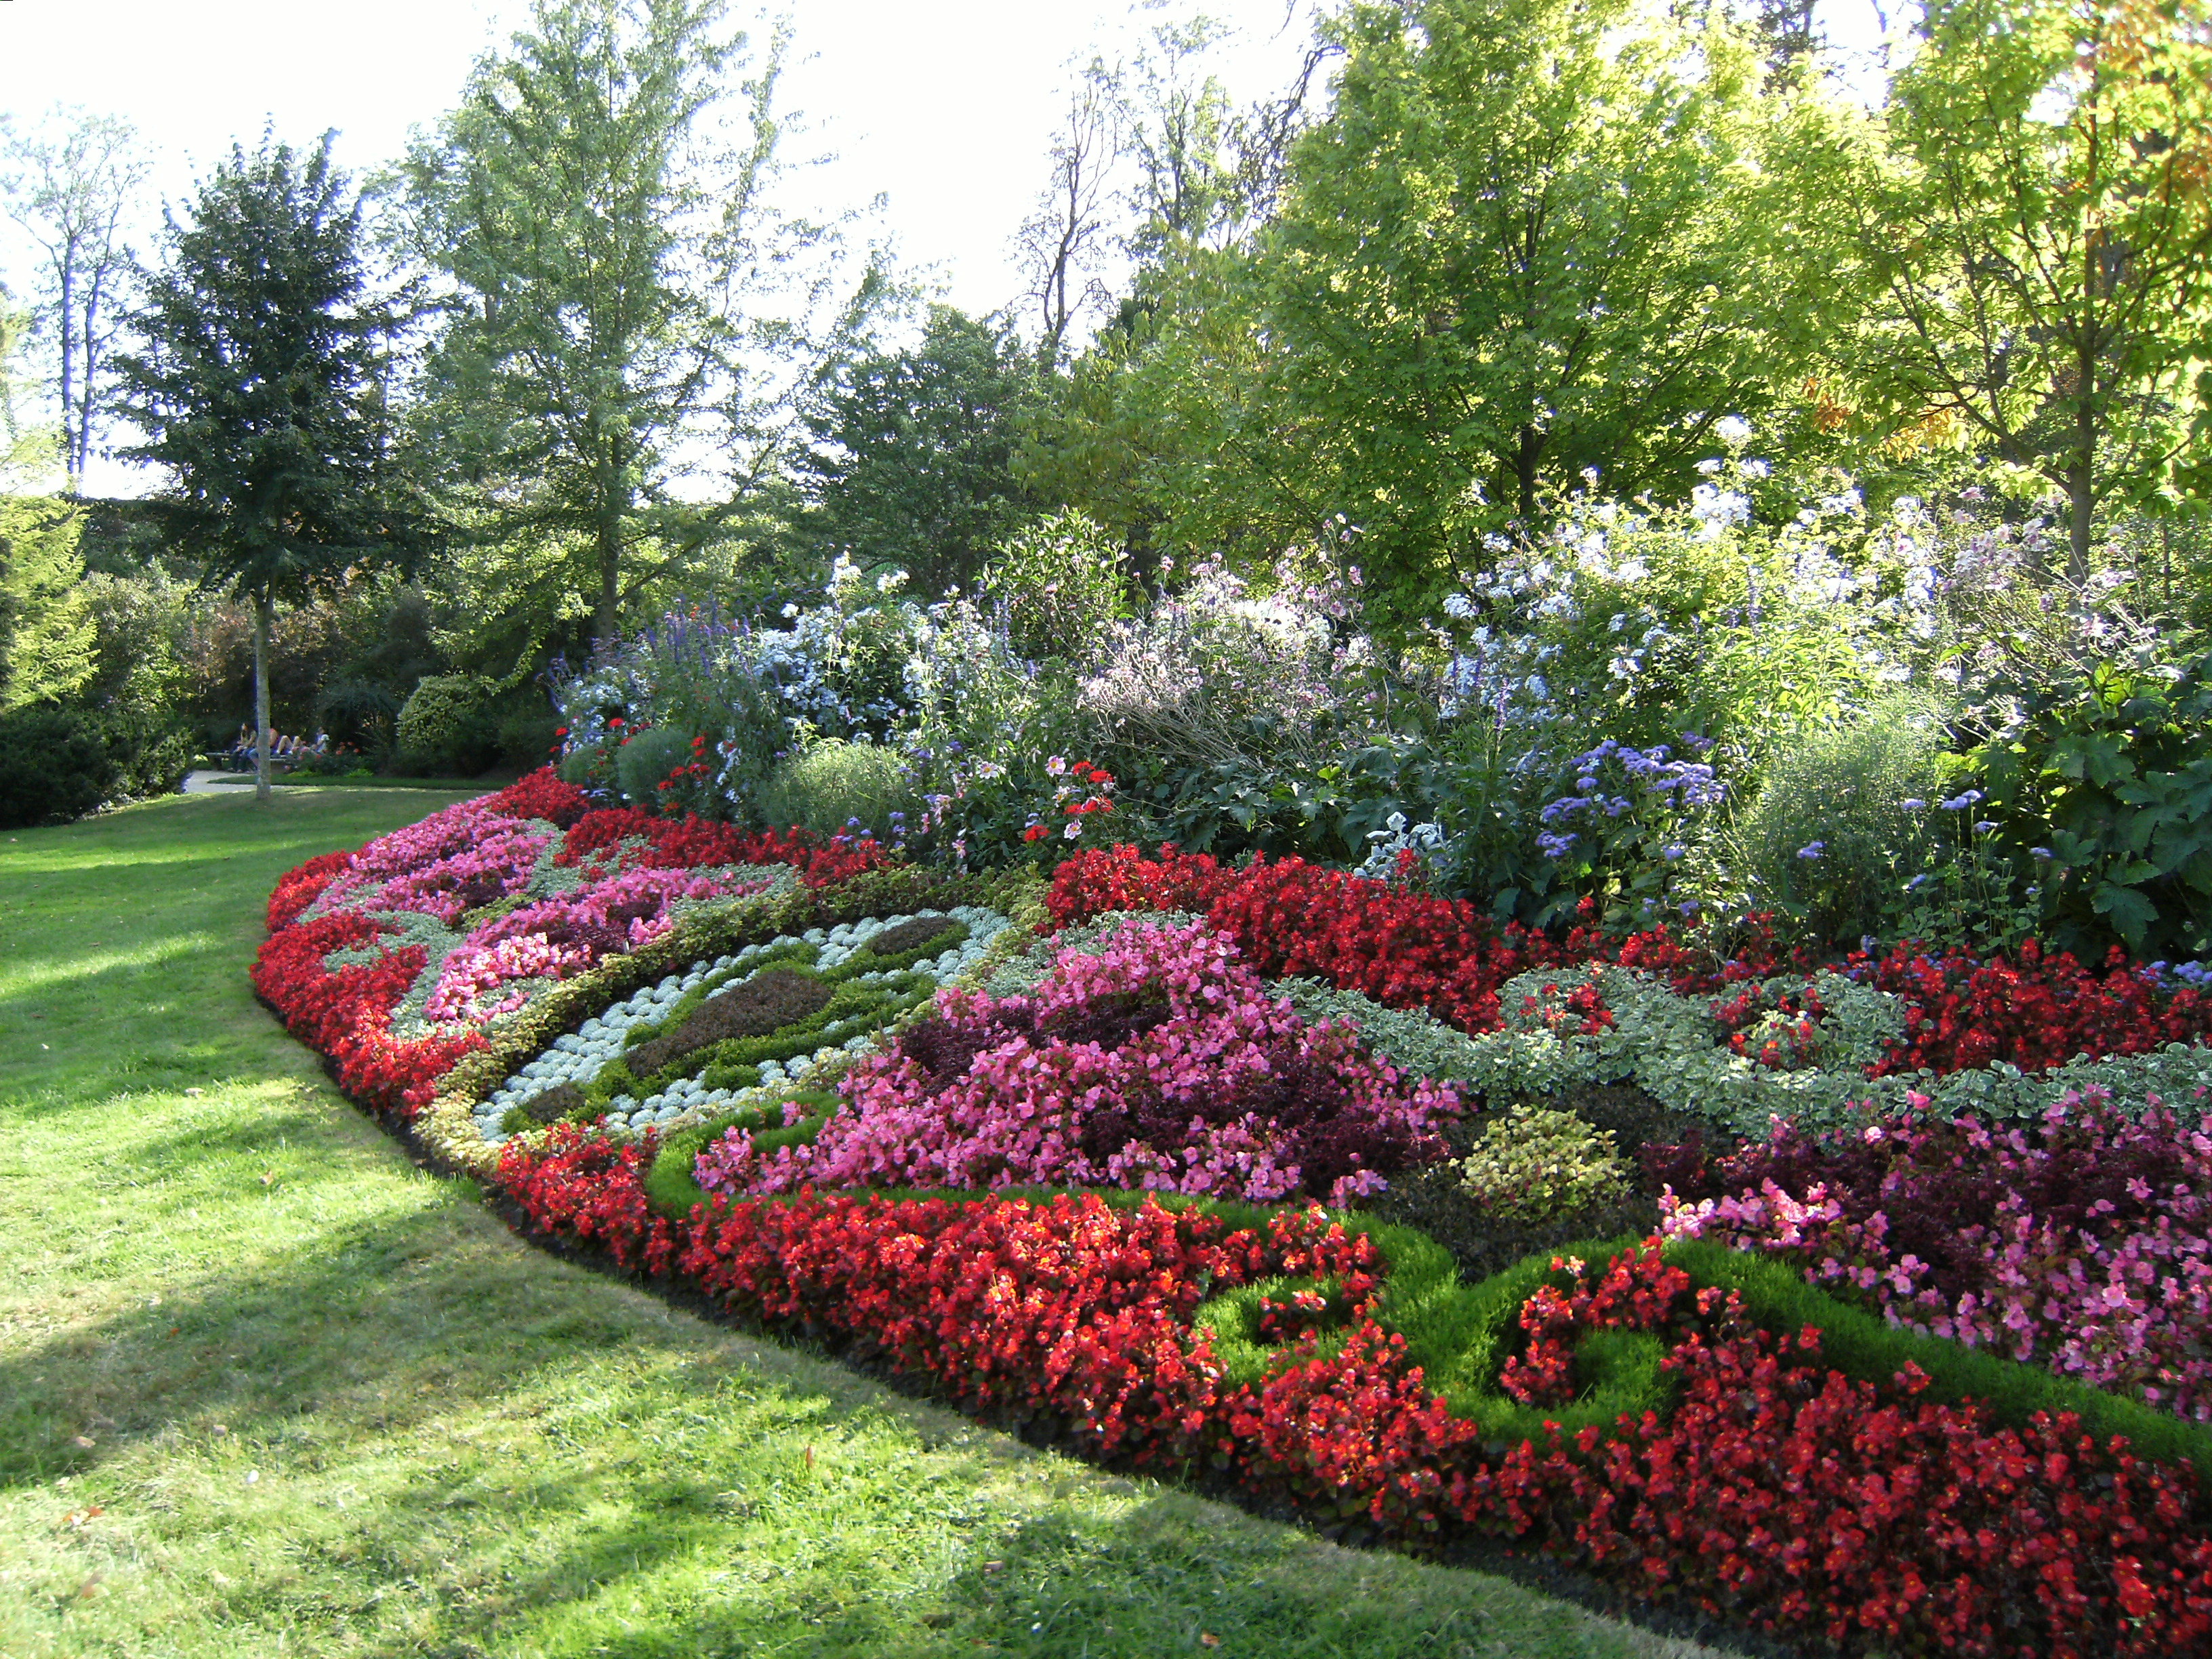 Jardin du roi ch teau de versailles nicabou photos for Jardin versailles